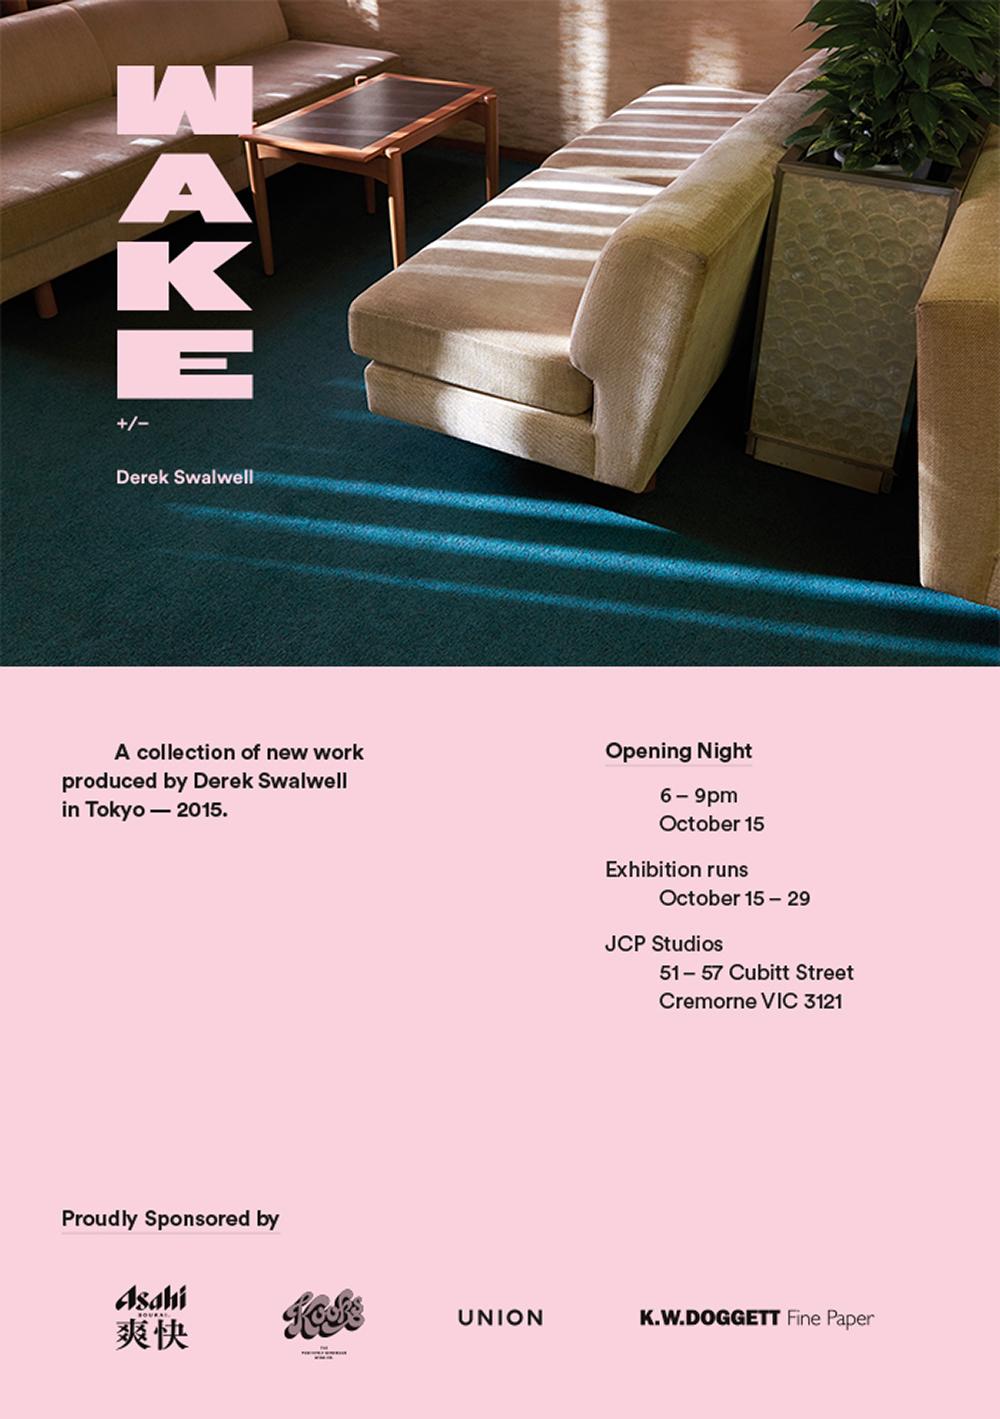 DSP2407-Derek-WAKE---E-Invite-FA3